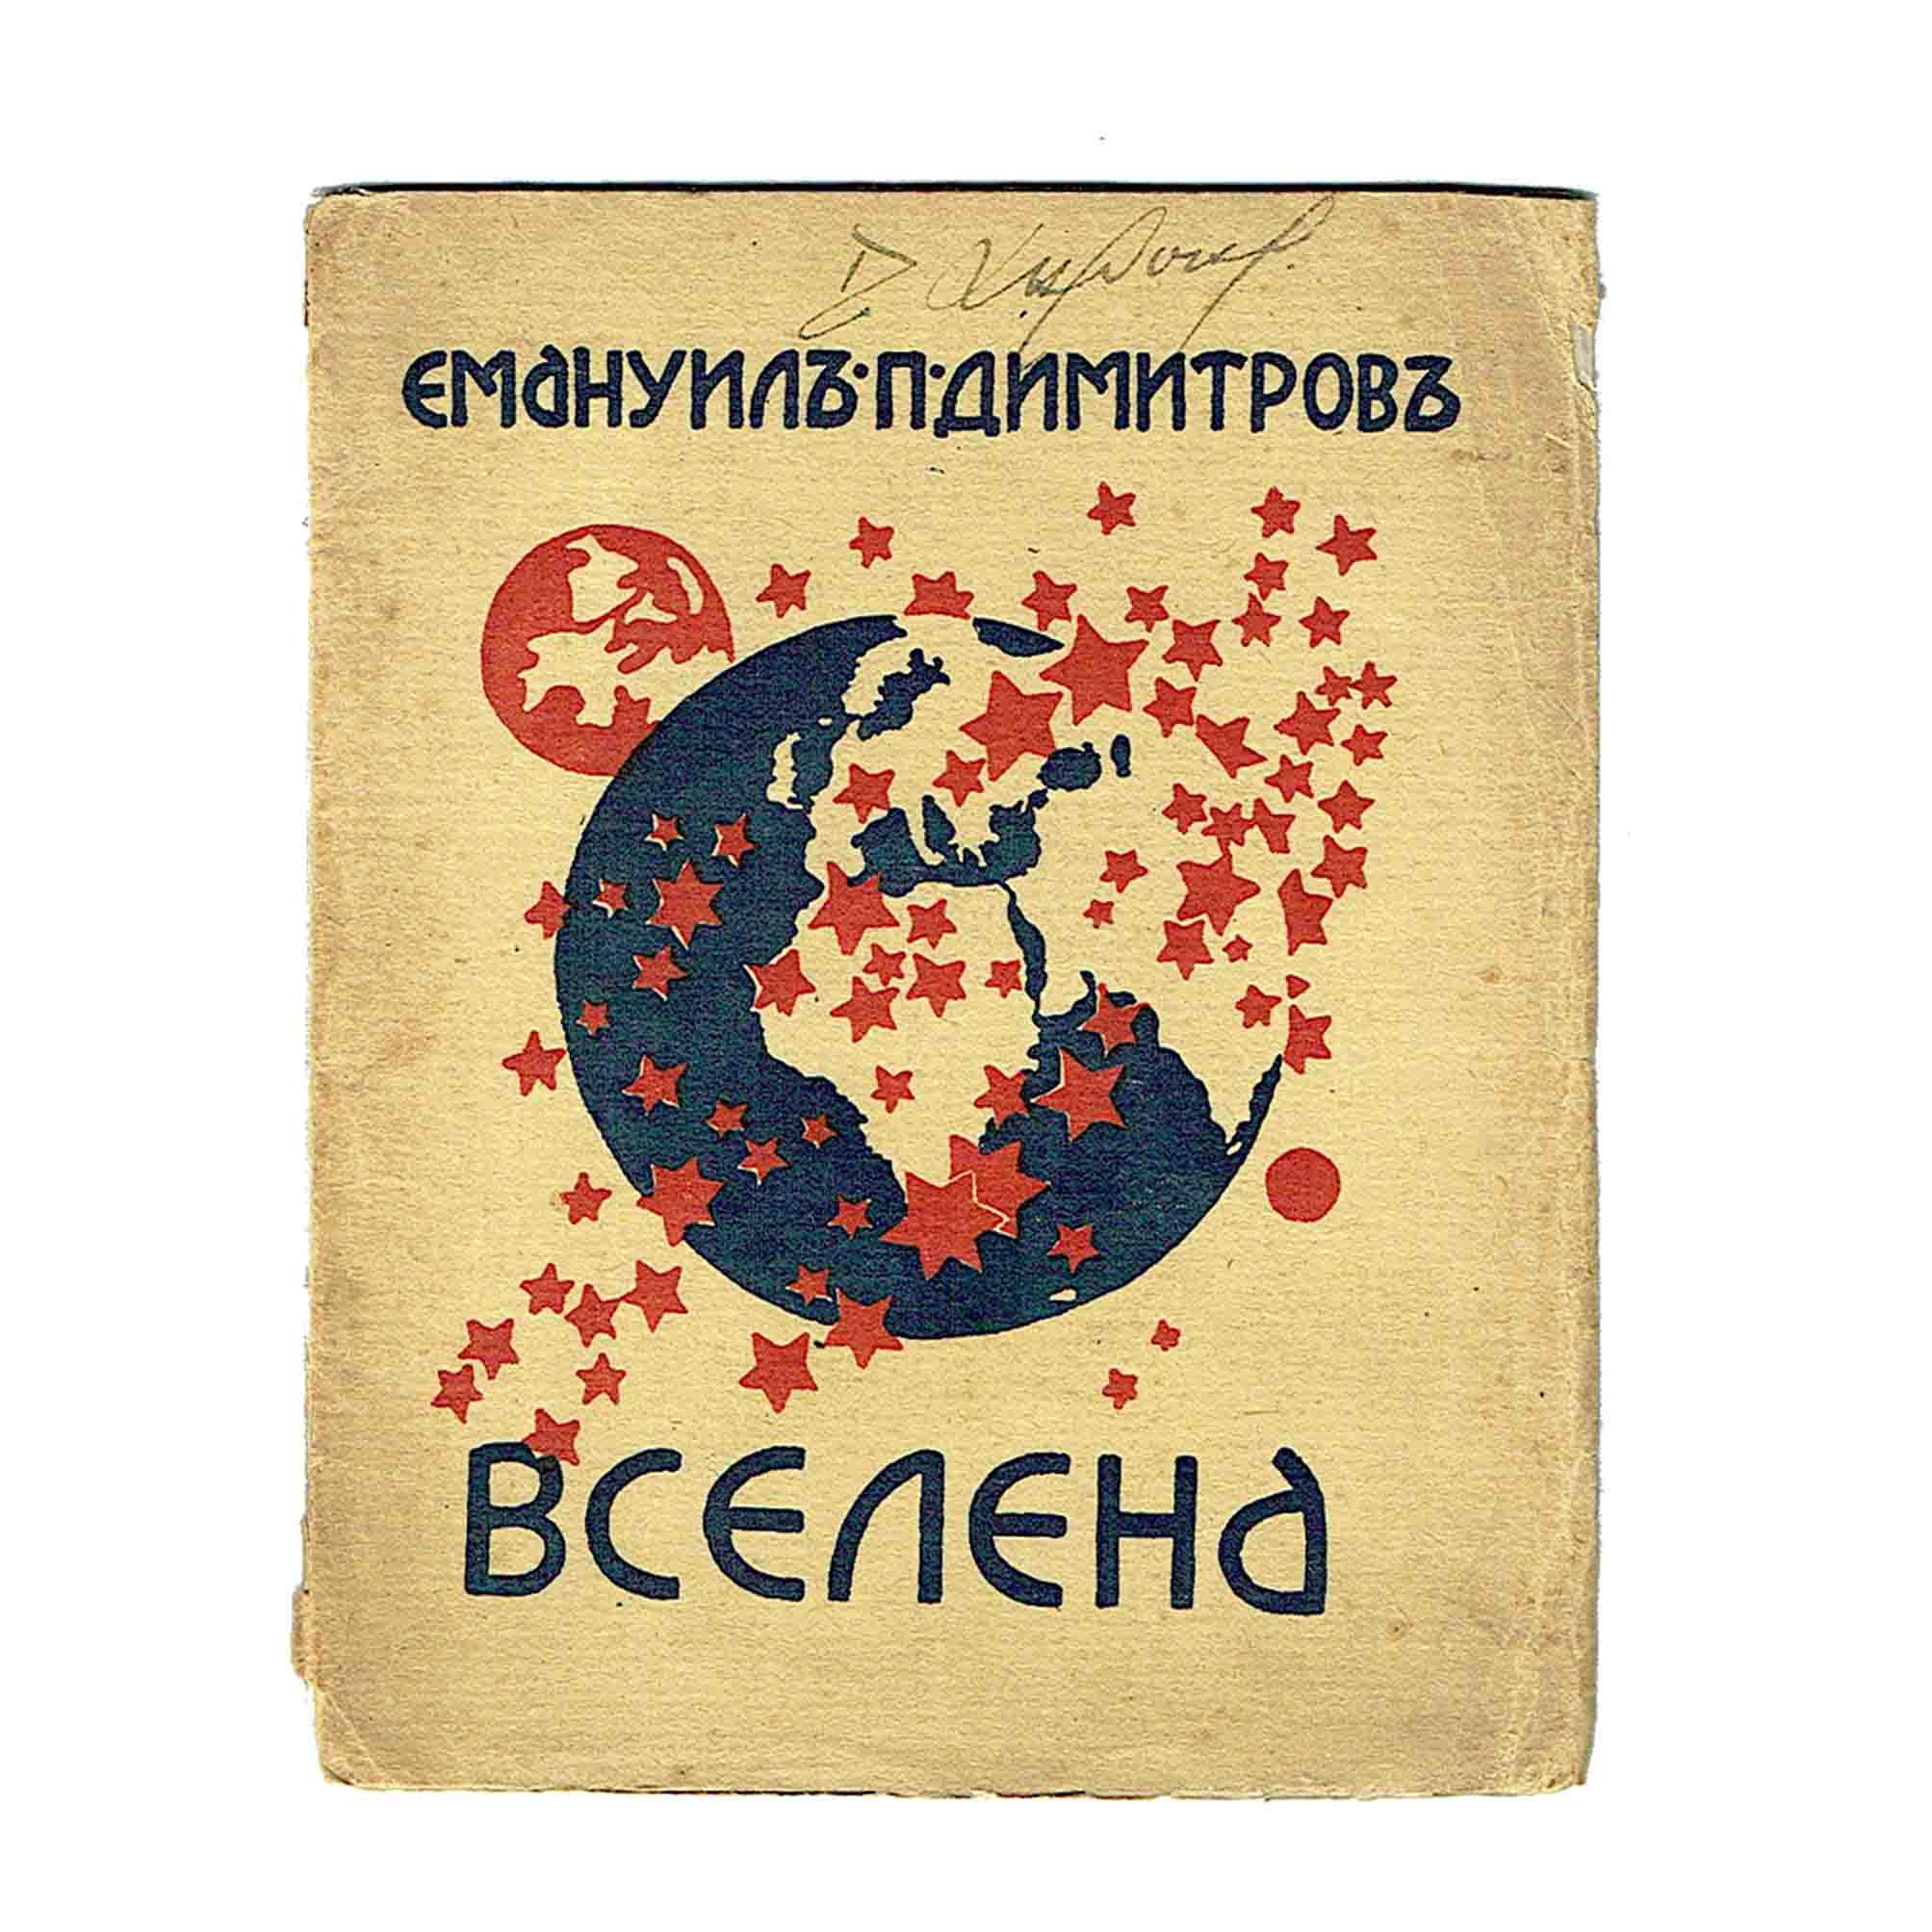 5855 Popdimitrov Geo Milev Vselena Chipev 1924 Umschlag frei N